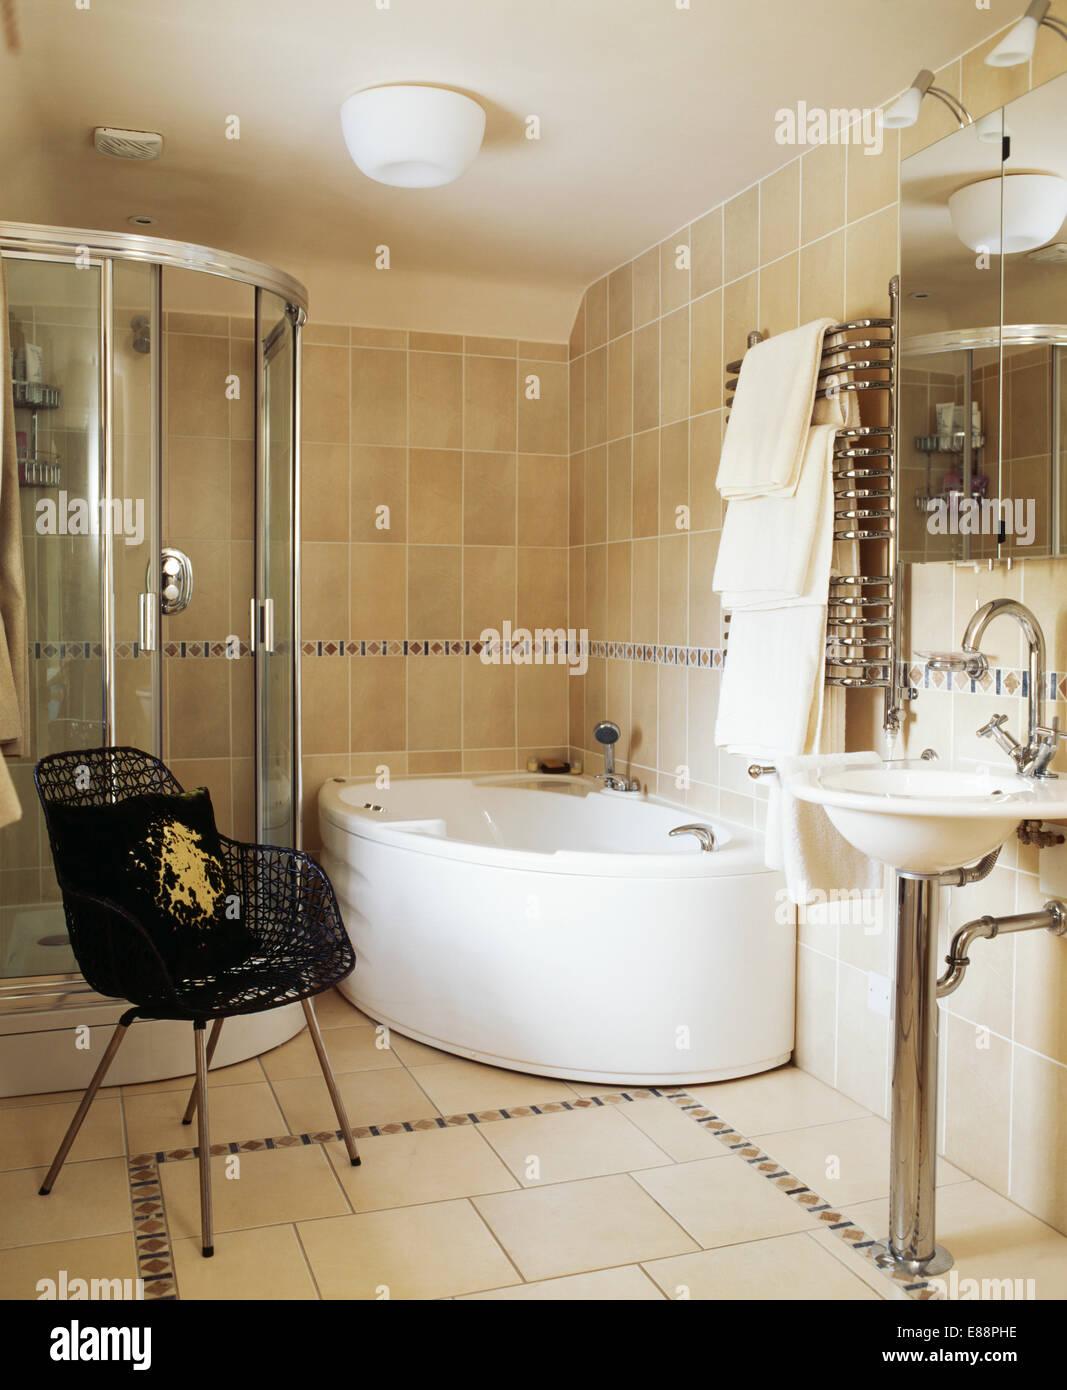 Badezimmer Mit Eckbadewanne Und Dusche   Bad Offene Dusche Und ...